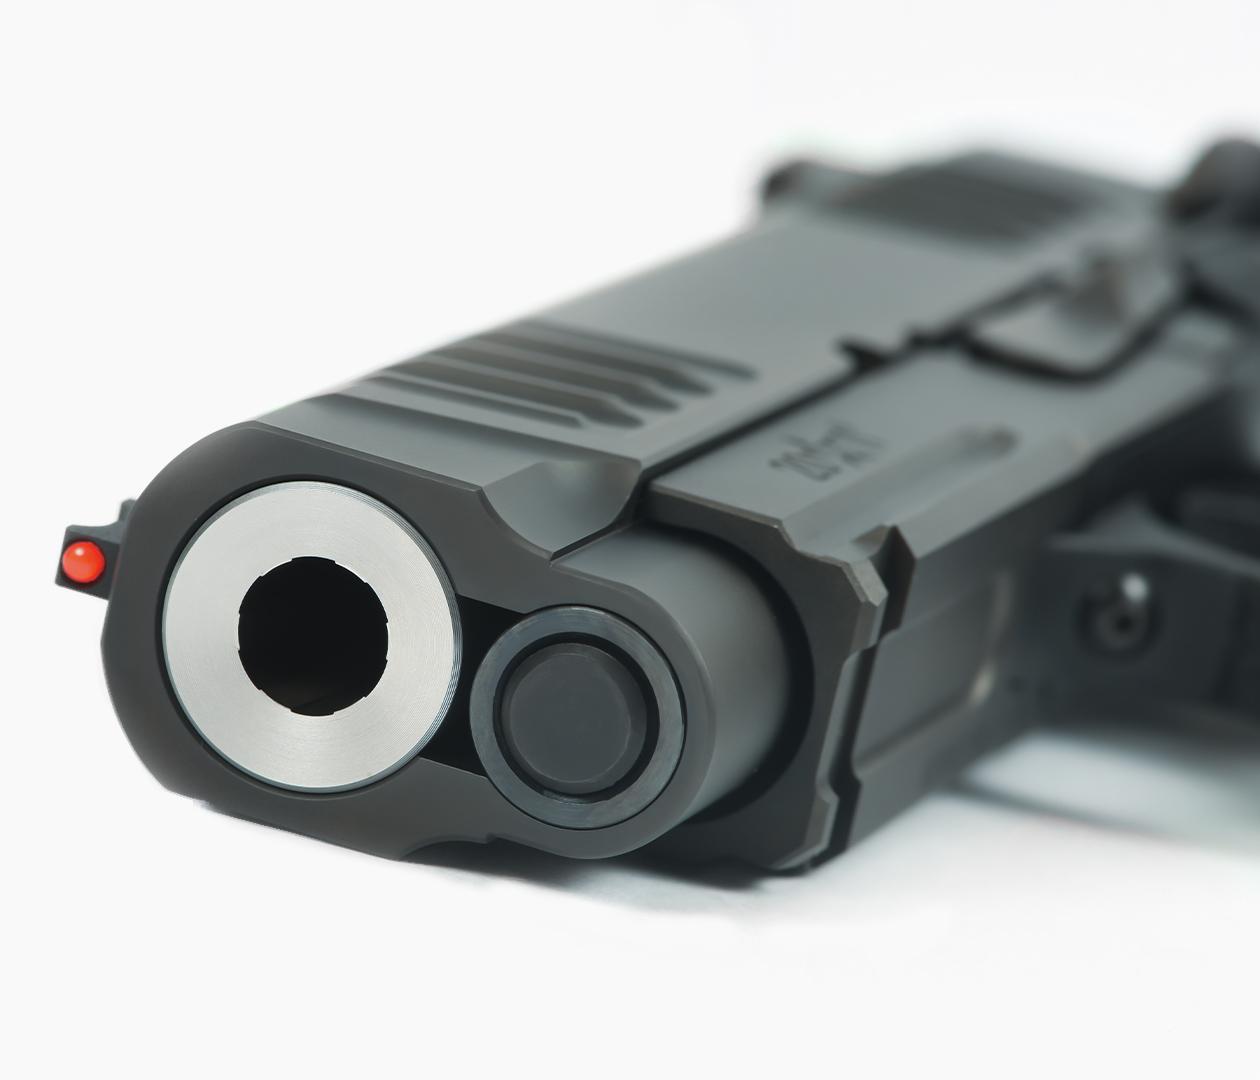 Muzzle view of Staccato C handgun